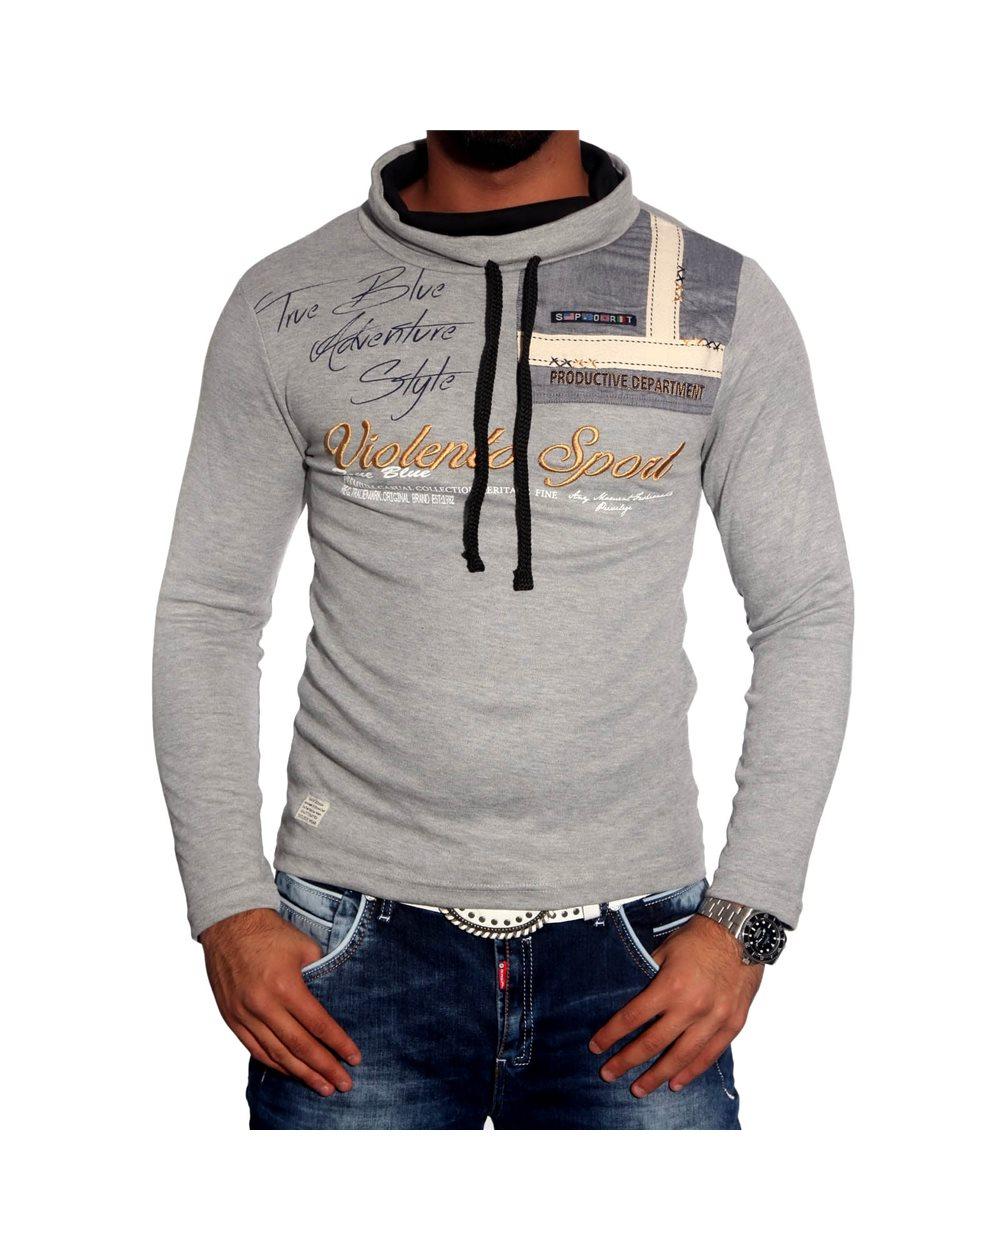 Subliminal Mode - Tee shirt homme manches longues col chale avec cordon de serrage pull leger SBV0693